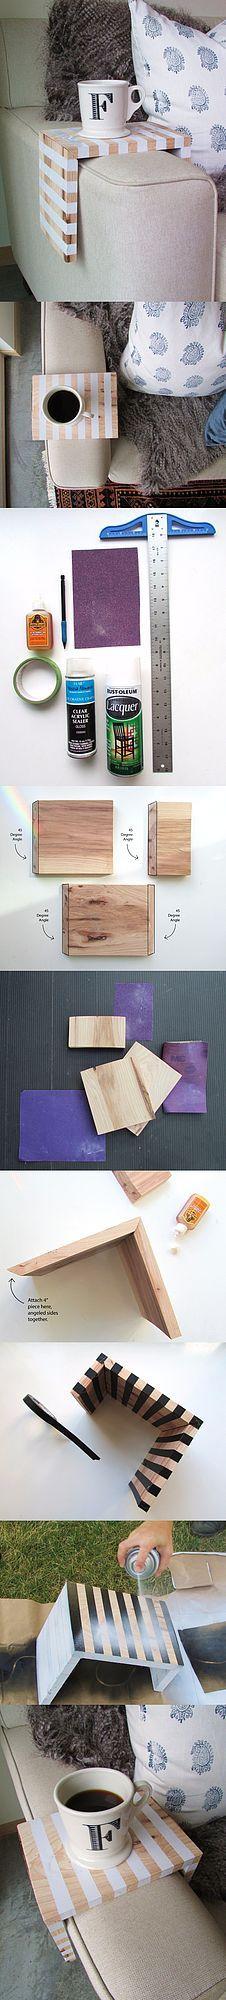 ¡Hazlo en casa! Se trata de una sencilla mesita de madera para el apoyabrazos de tu sofá. Es ideal para departamentos pequeños, en los que no tienes sitio para colocar otras superficies a los lados de